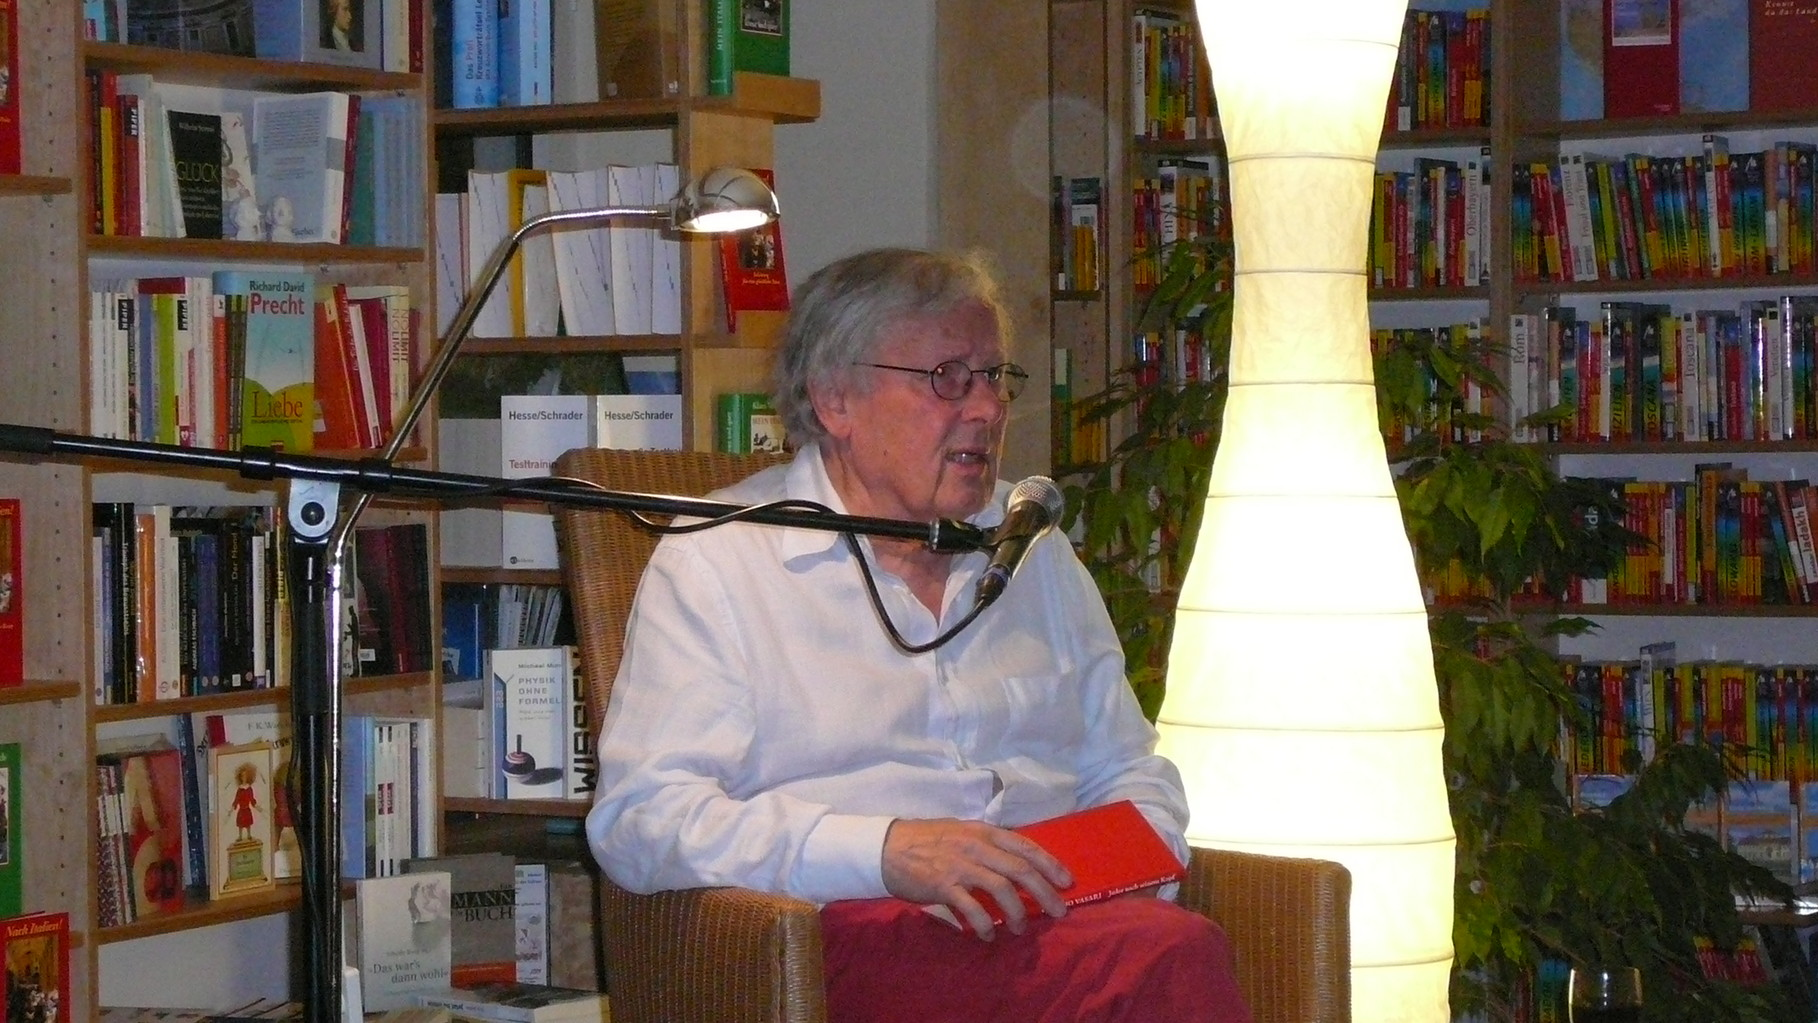 Rote Socken durften nicht fehlen: Klaus Wagenbach, politisches Urgestein und Verlagsgründer öffnete in der ausverkauften Lesbar seine Italienische Seele